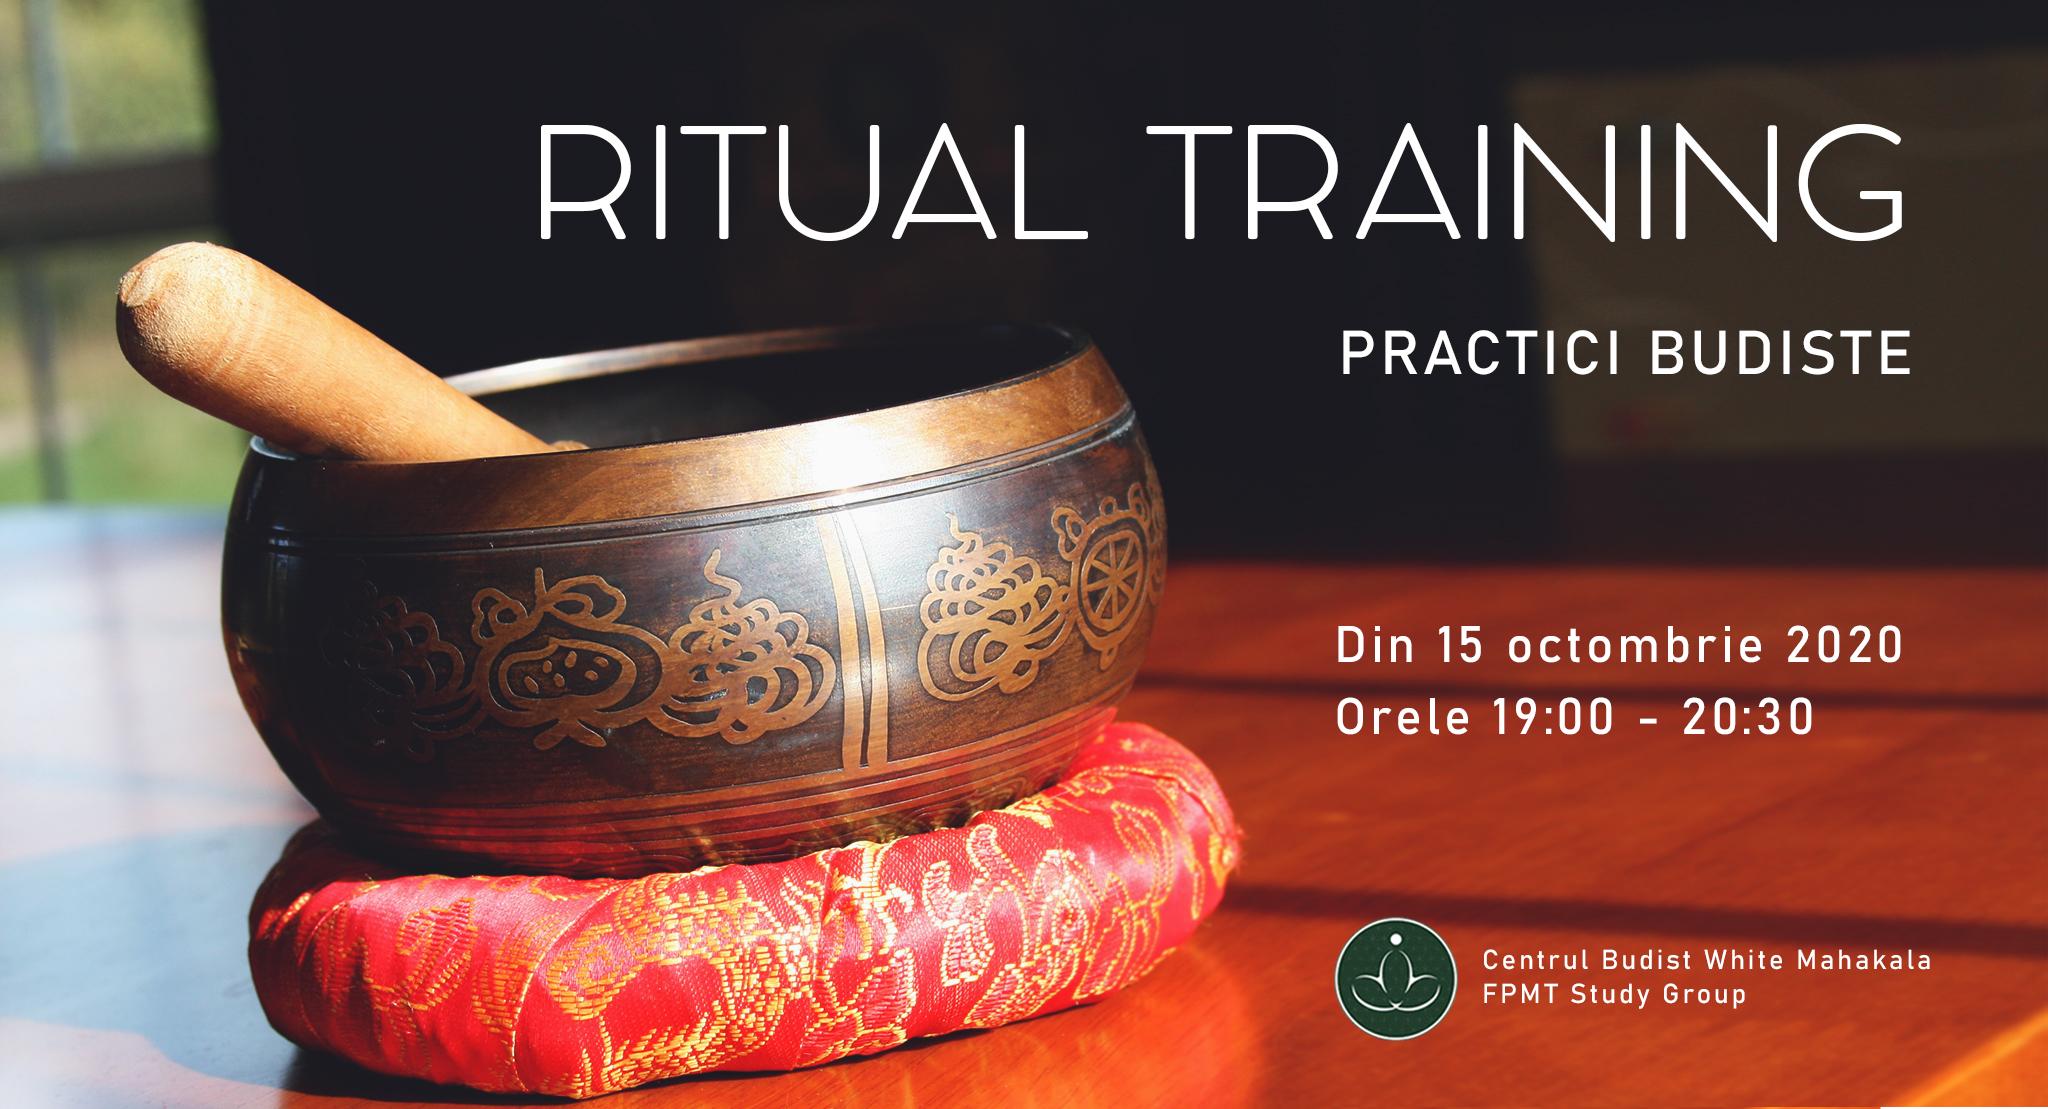 Practici si ritualuri budiste